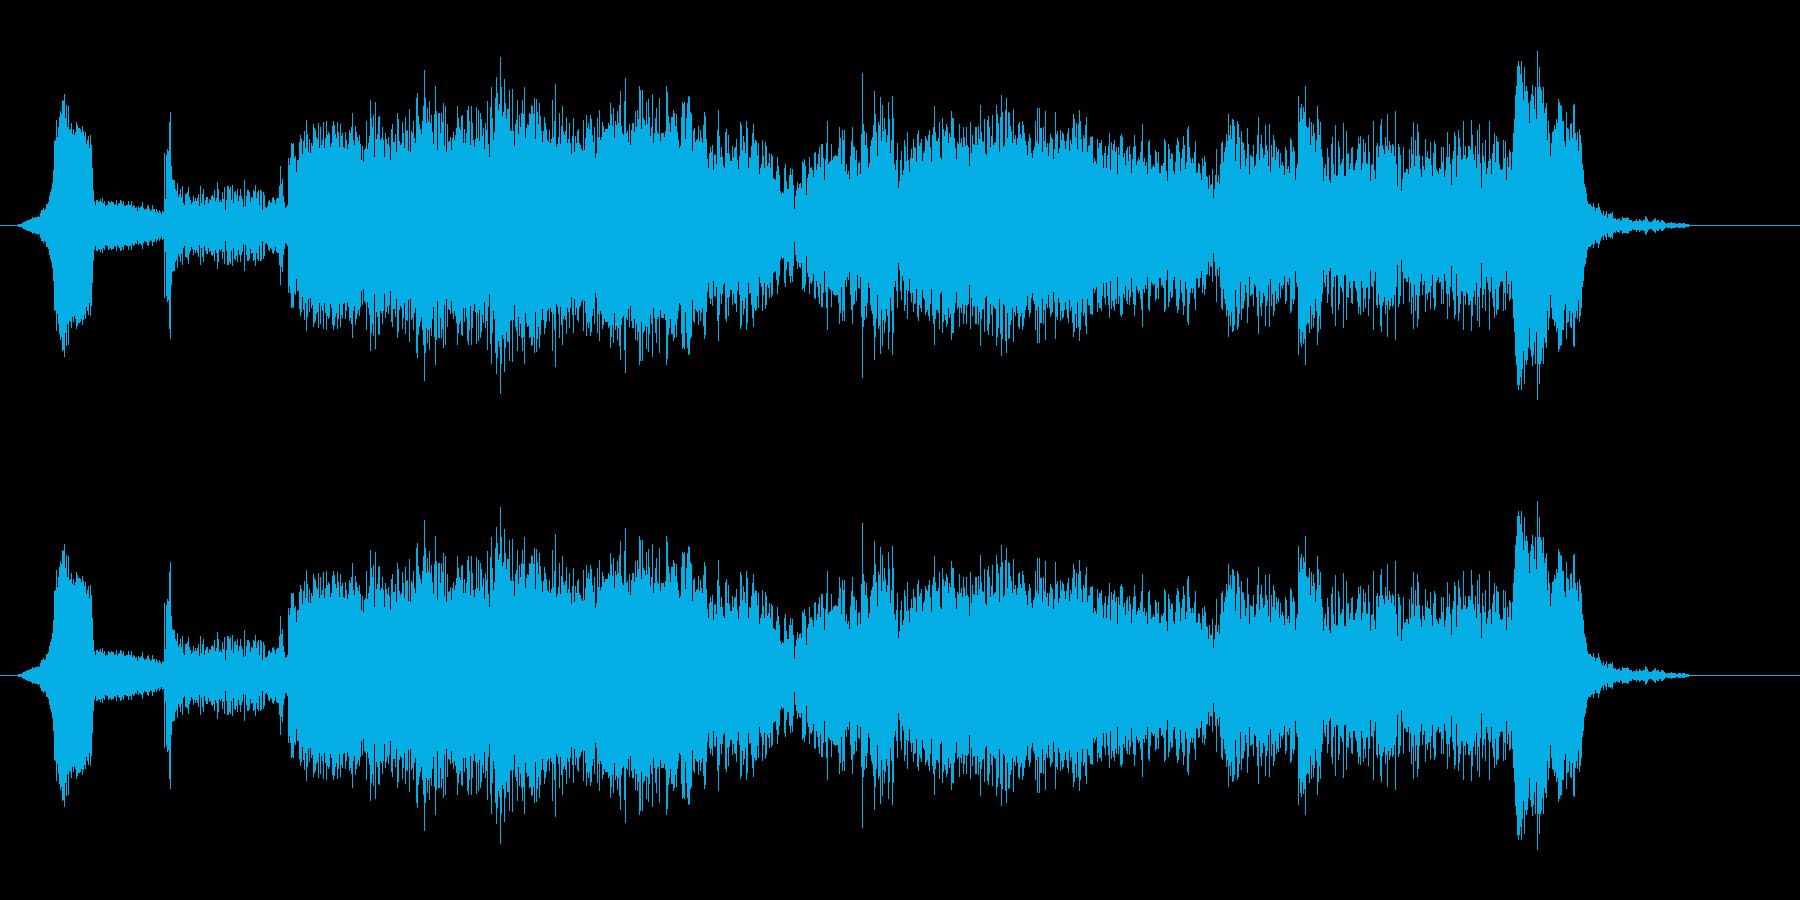 フリーズマシンフリーズマシン_開始...の再生済みの波形